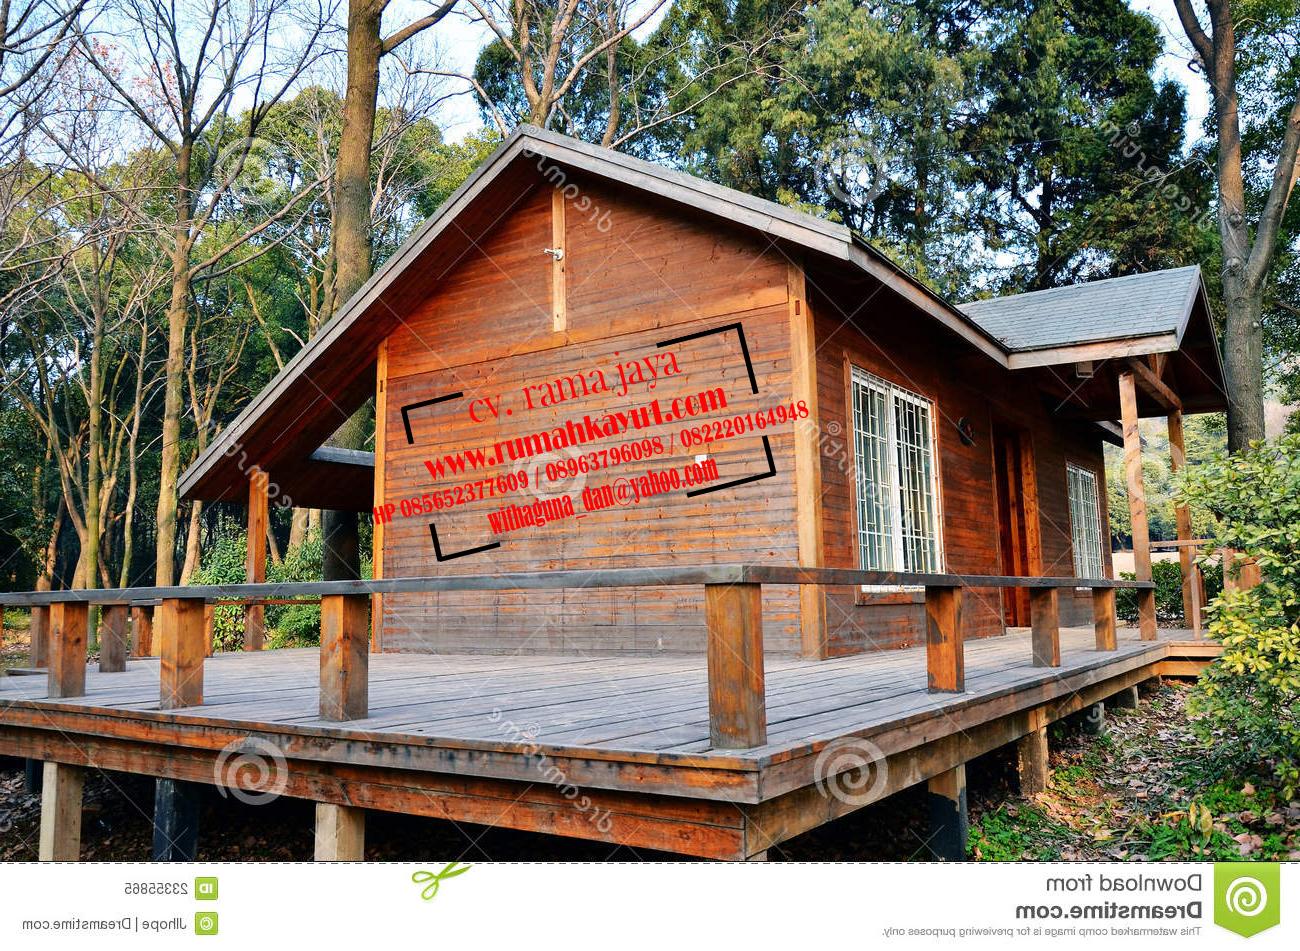 jual rumah kayu kecil,rumah kayu mini, rumah kayu murah